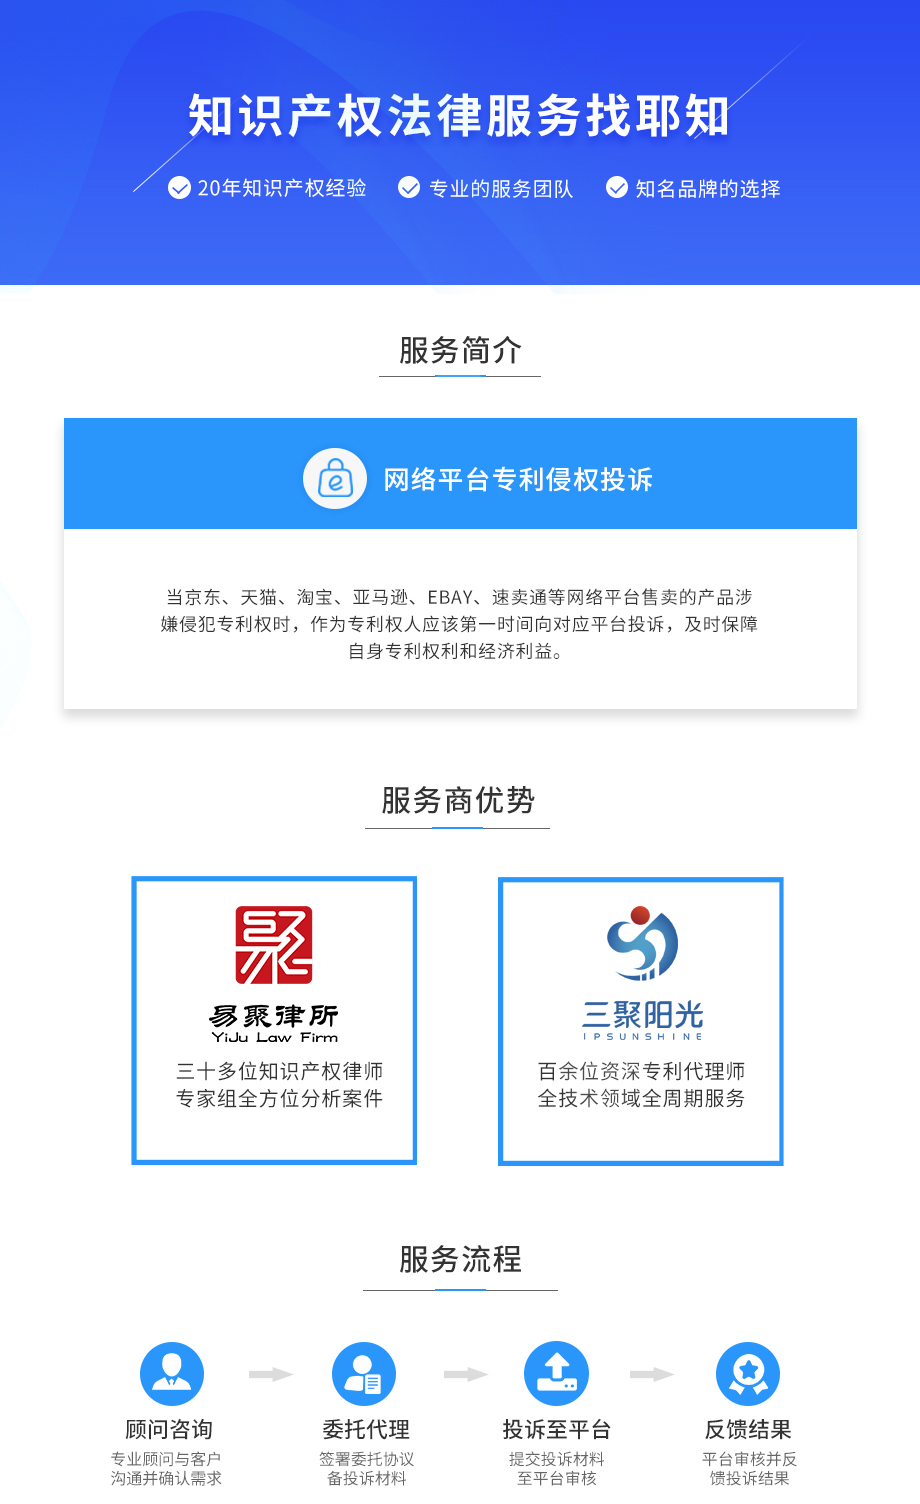 网络平台侵权投诉.jpg